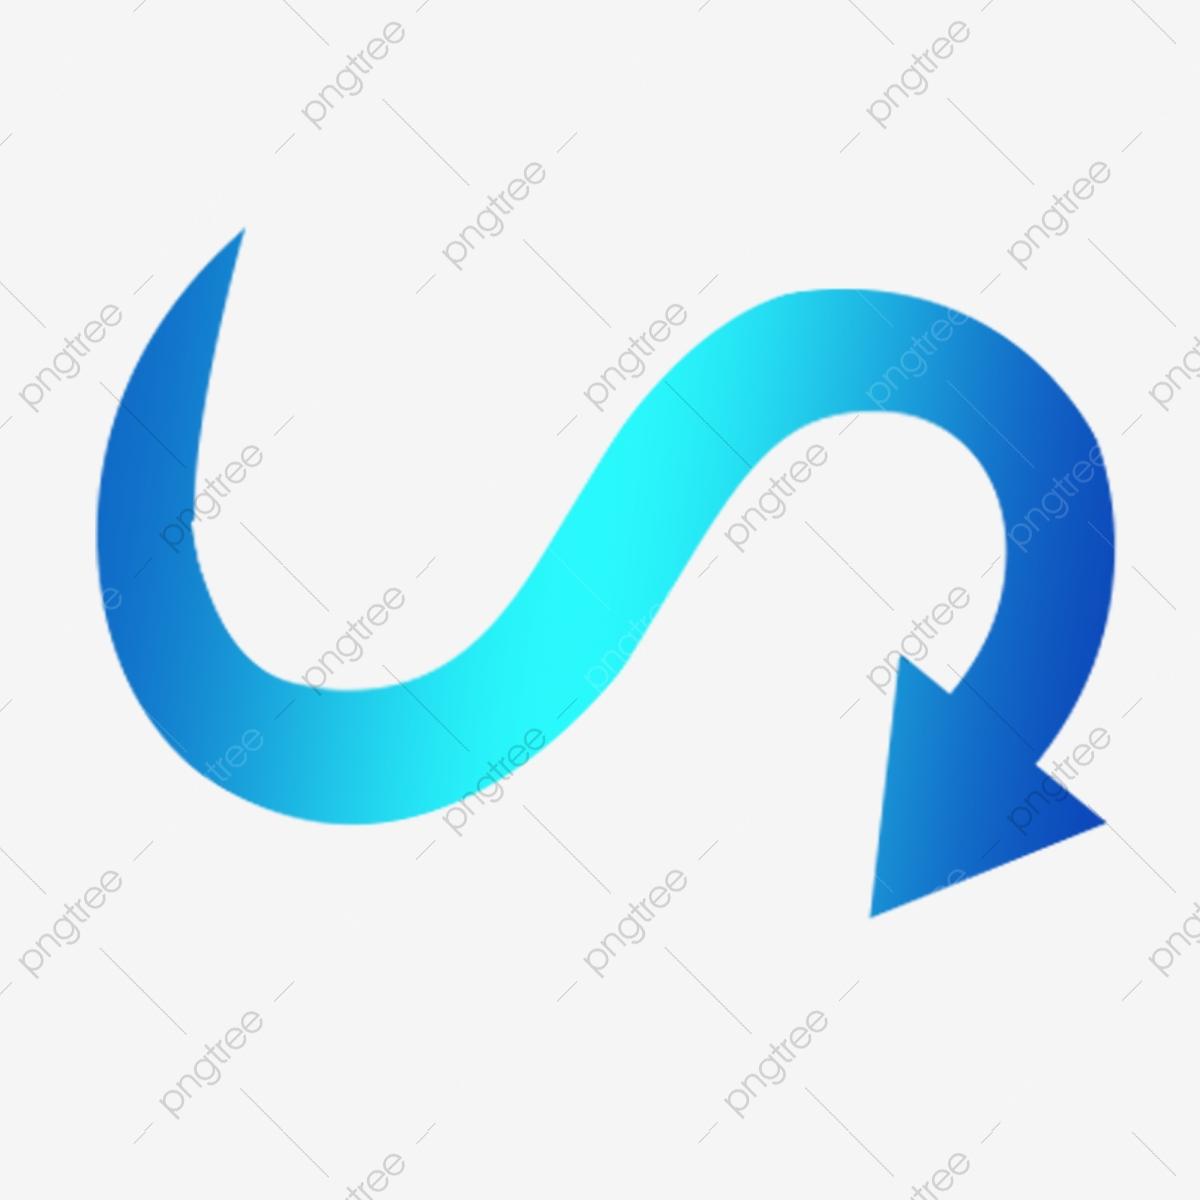 Dessin Animé Bleu Diagramme De Bouton Gratuit En Forme De destiné I Fleches Gratuit